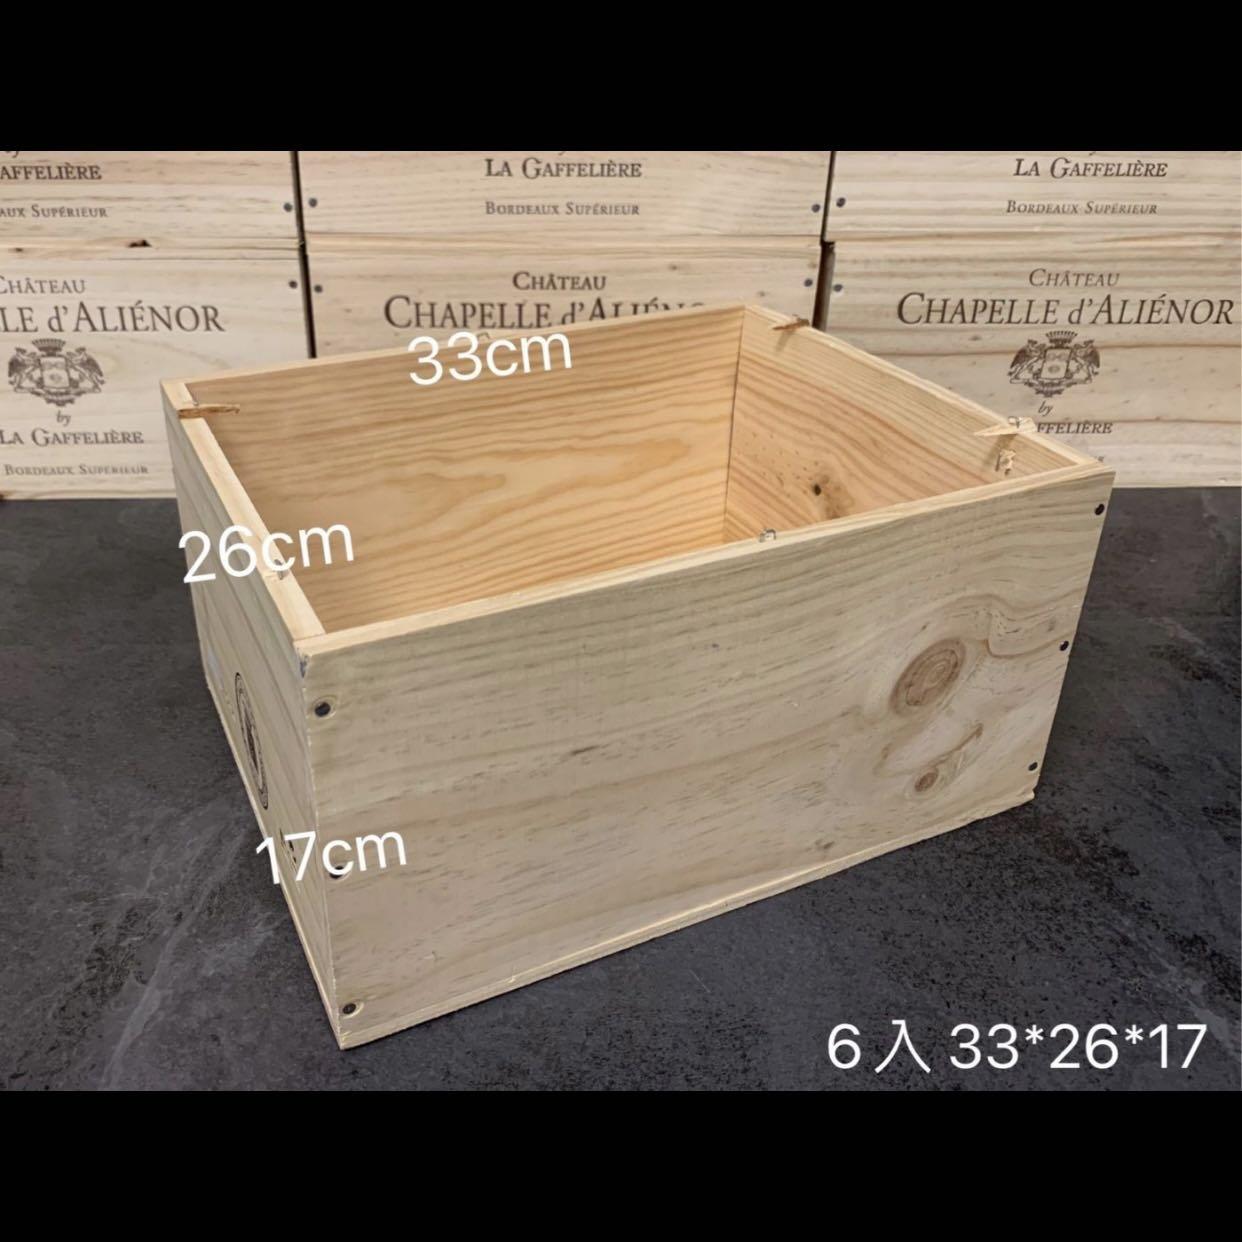 六入二手木箱 葡萄酒木箱 紅酒箱 木箱 裝飾 收納箱